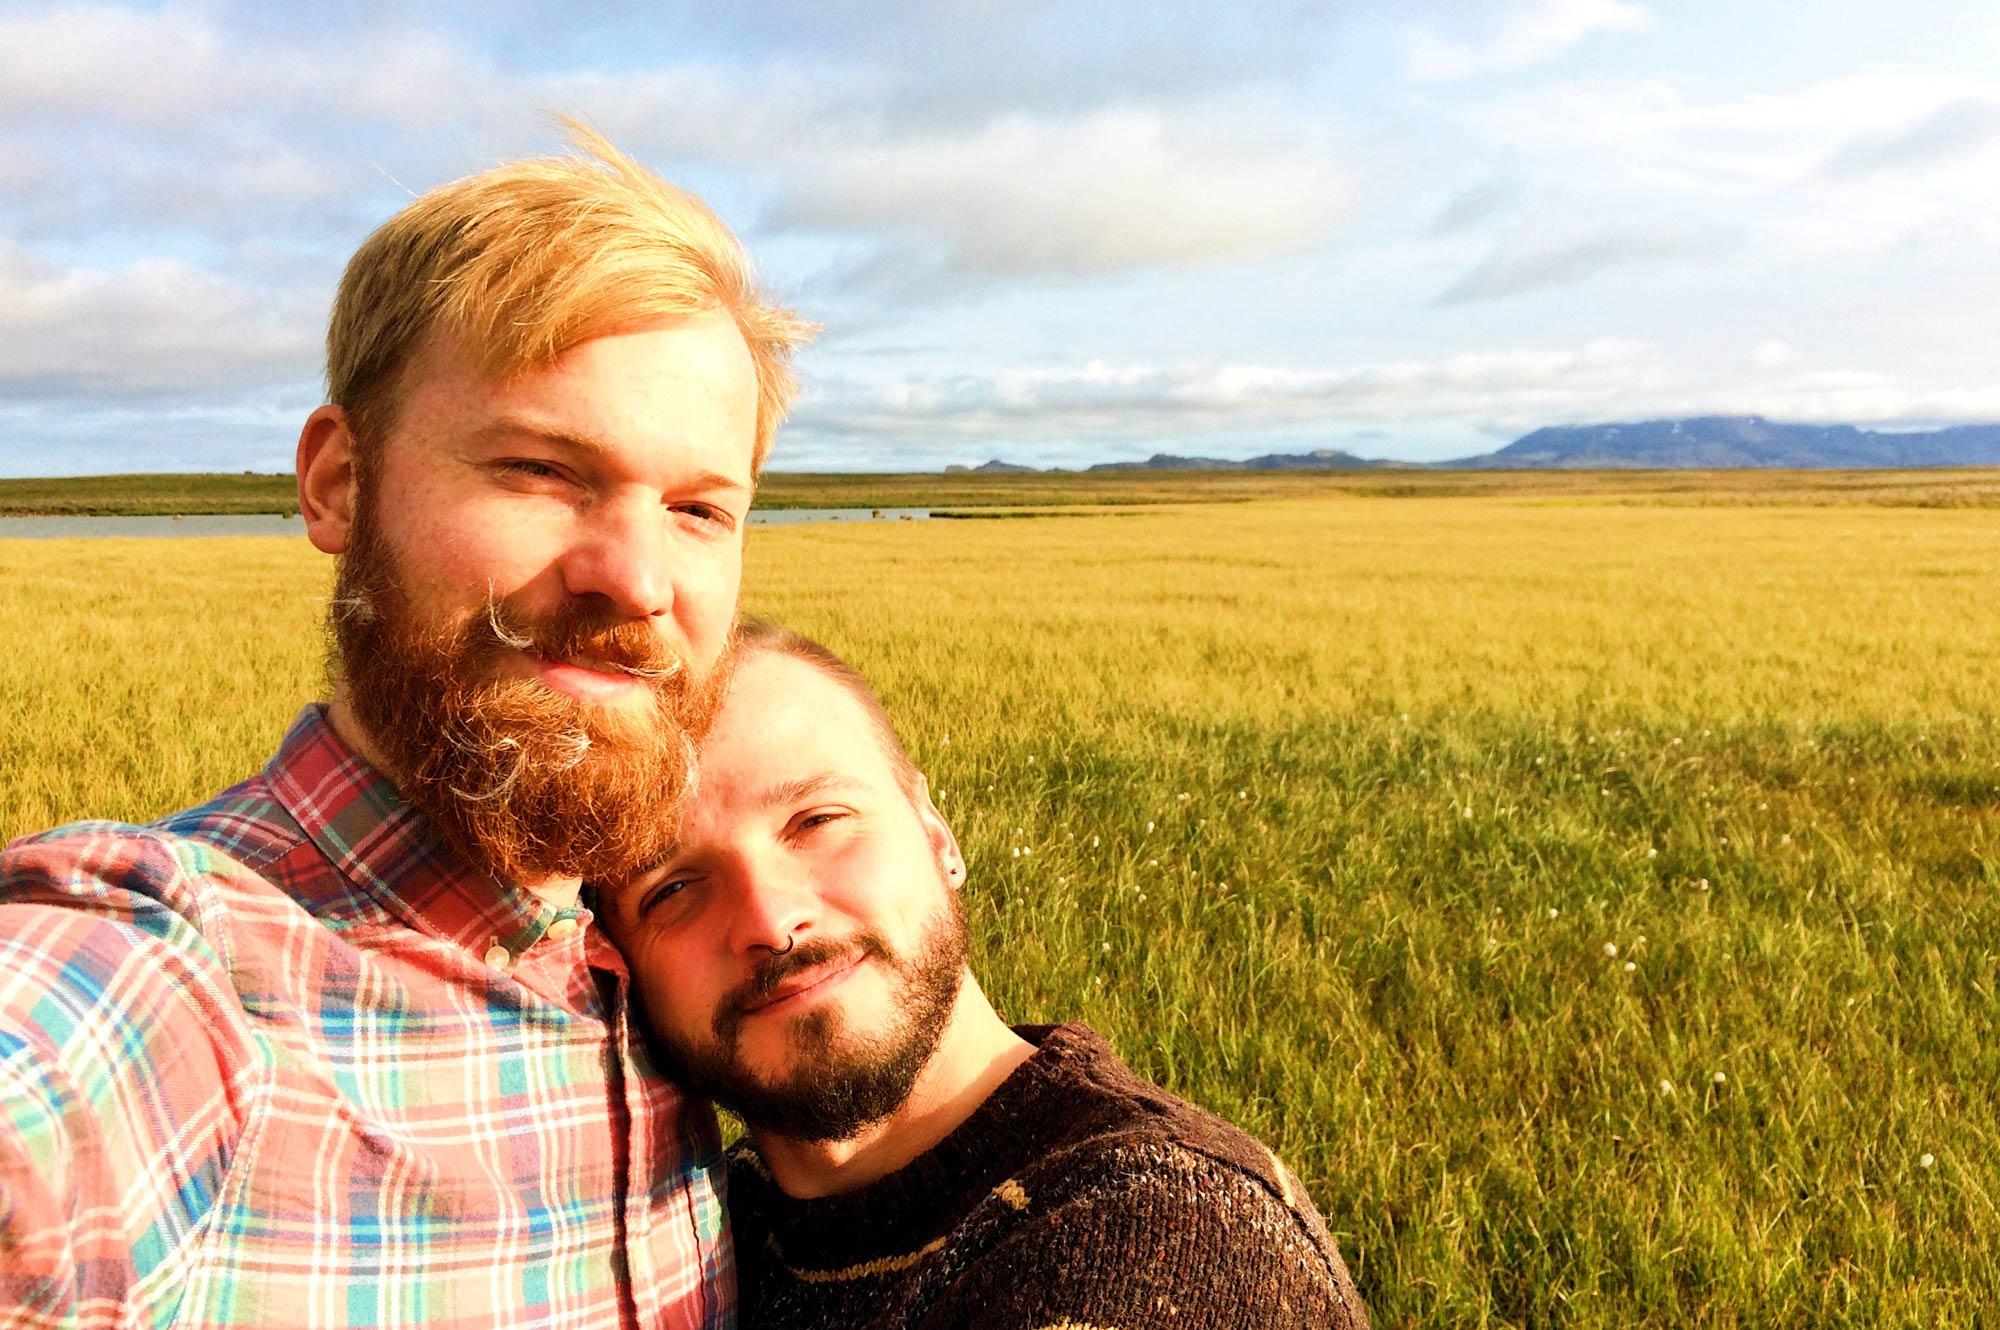 Island Golden Circle Tour Iceland Golden Circle Tour Þingvellir Geysir Gullfoss © Coupleofmen.com